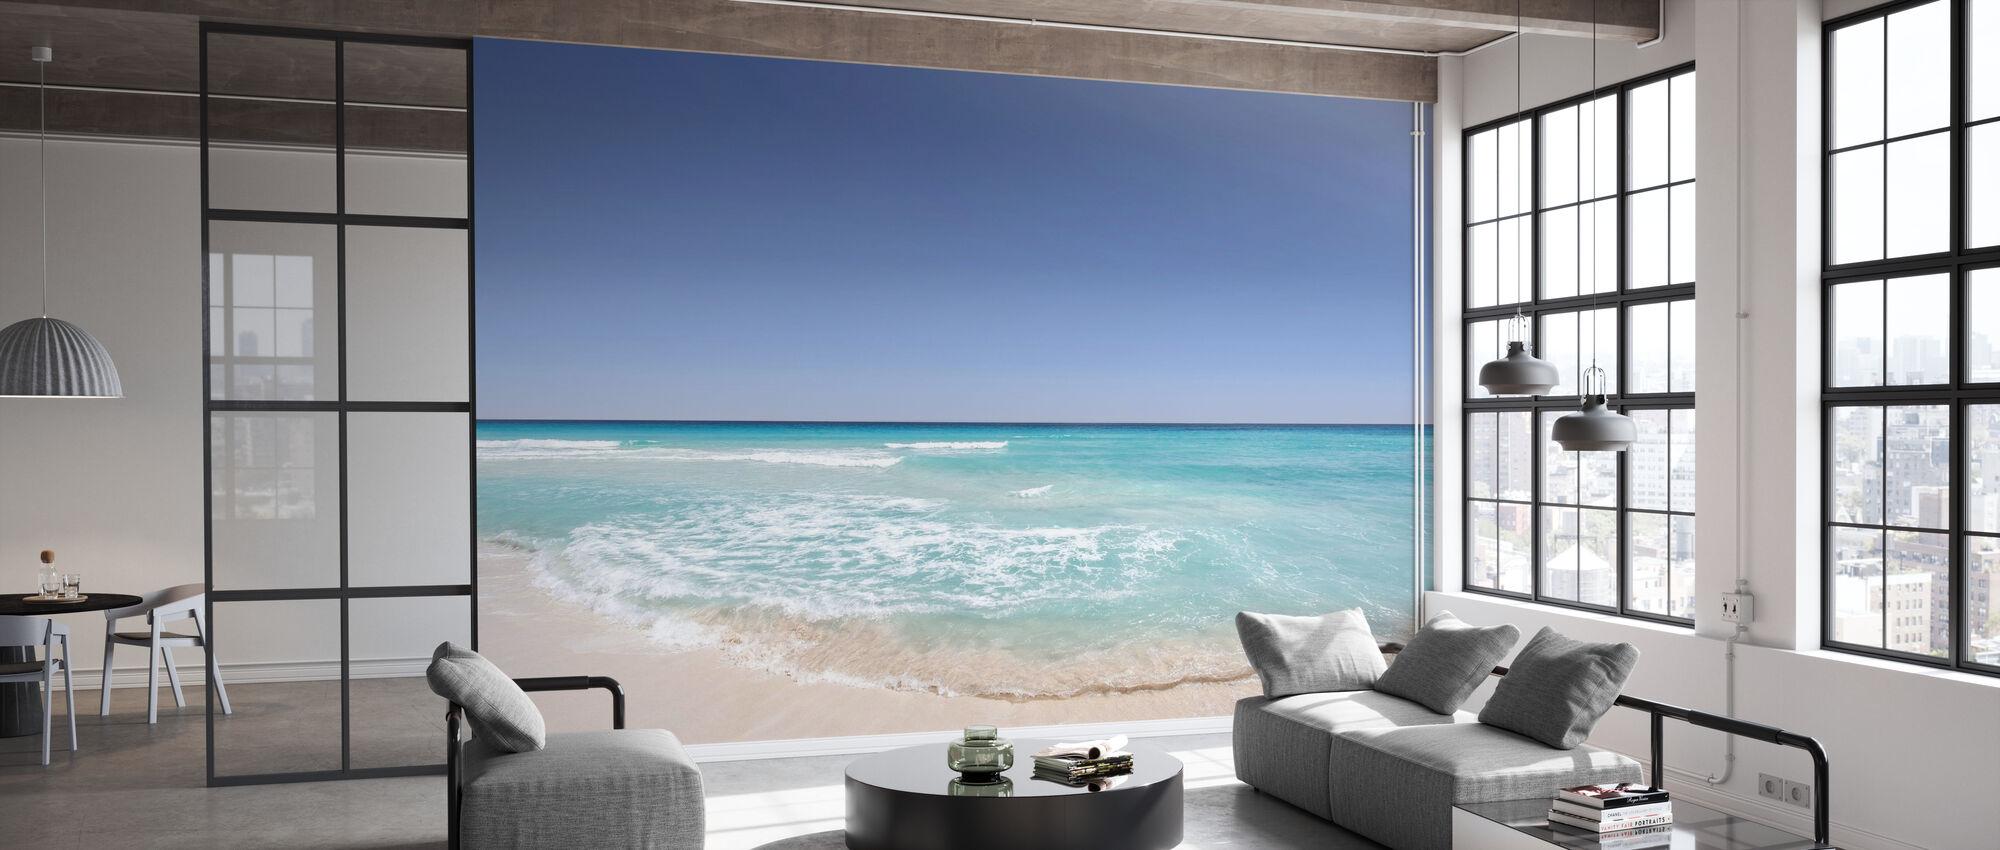 Beach Shore - Wallpaper - Office